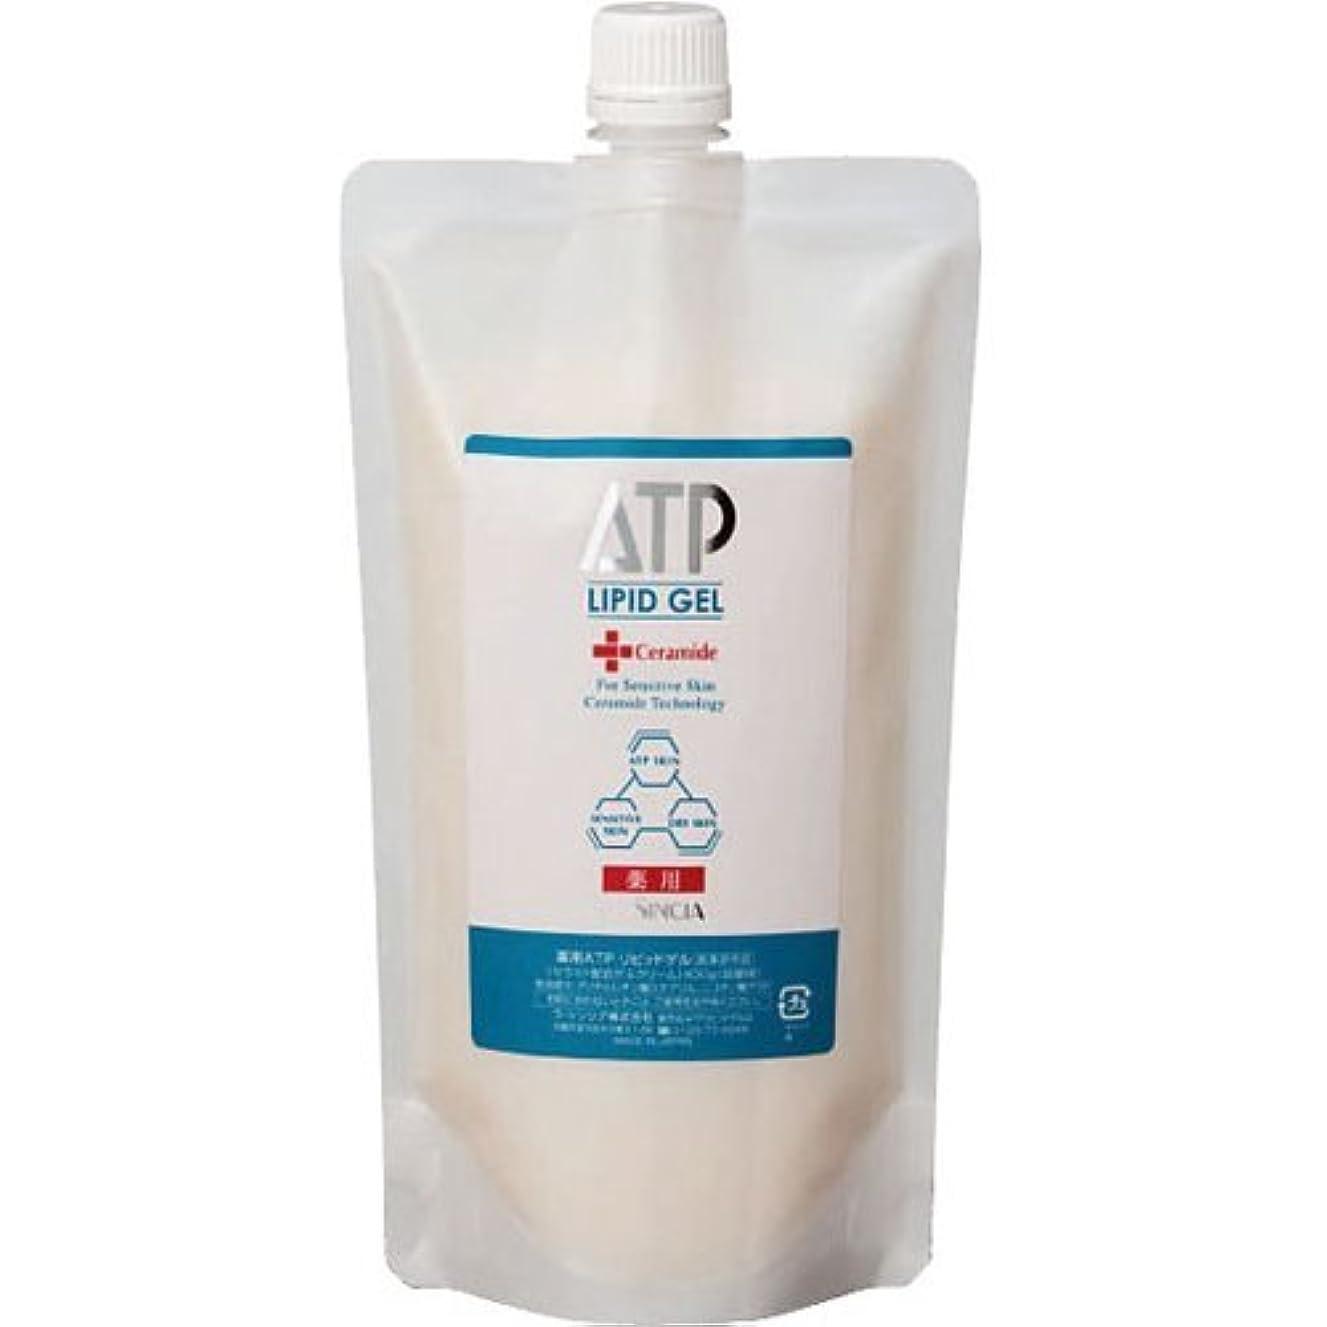 幾何学素子寝室ラシンシア 薬用ATPリピッドゲル 400g(詰替用) 【セラミド配合ゲルクリーム】